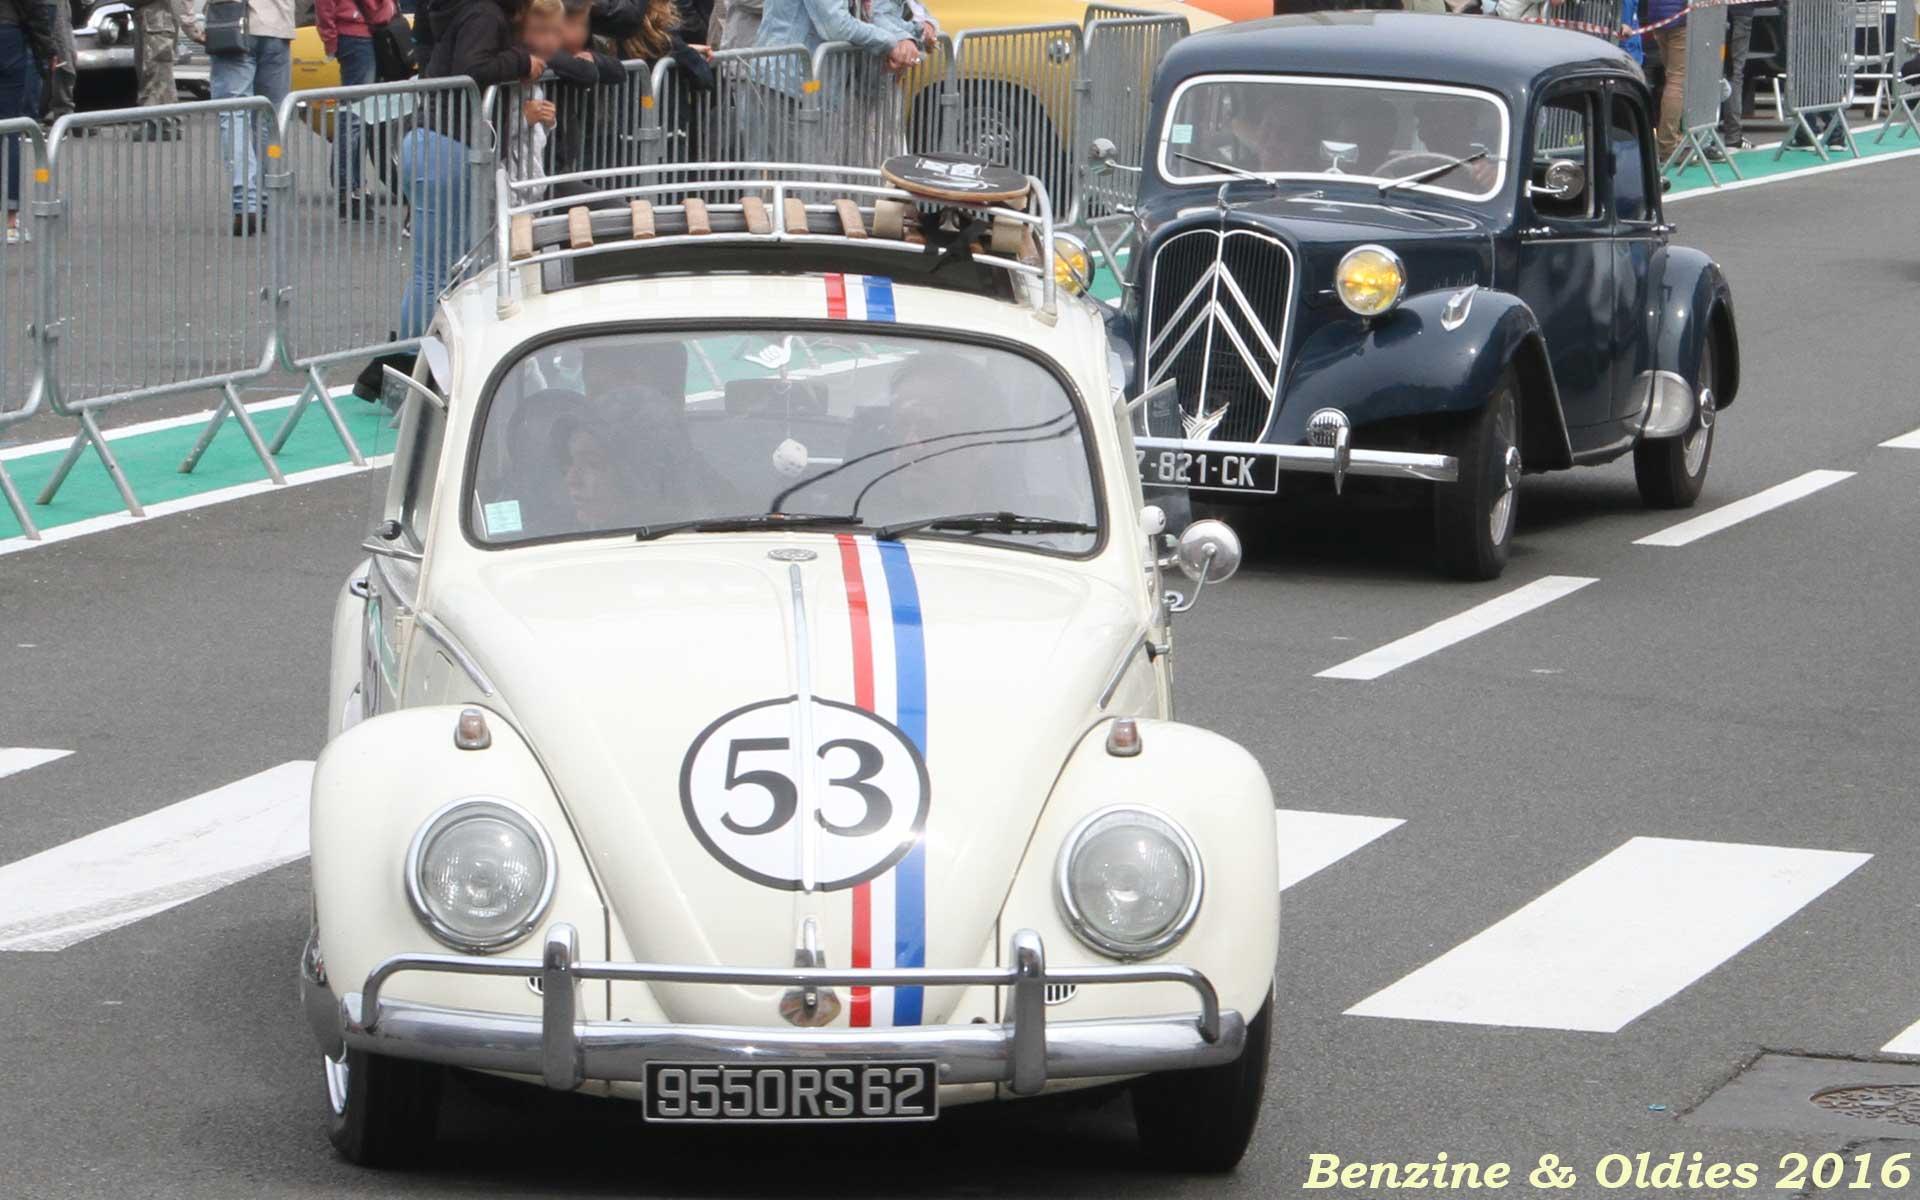 rassemblement concentration expo défilé de voitures américaines à Hénin-Beaumont 164730street201605290025w1920